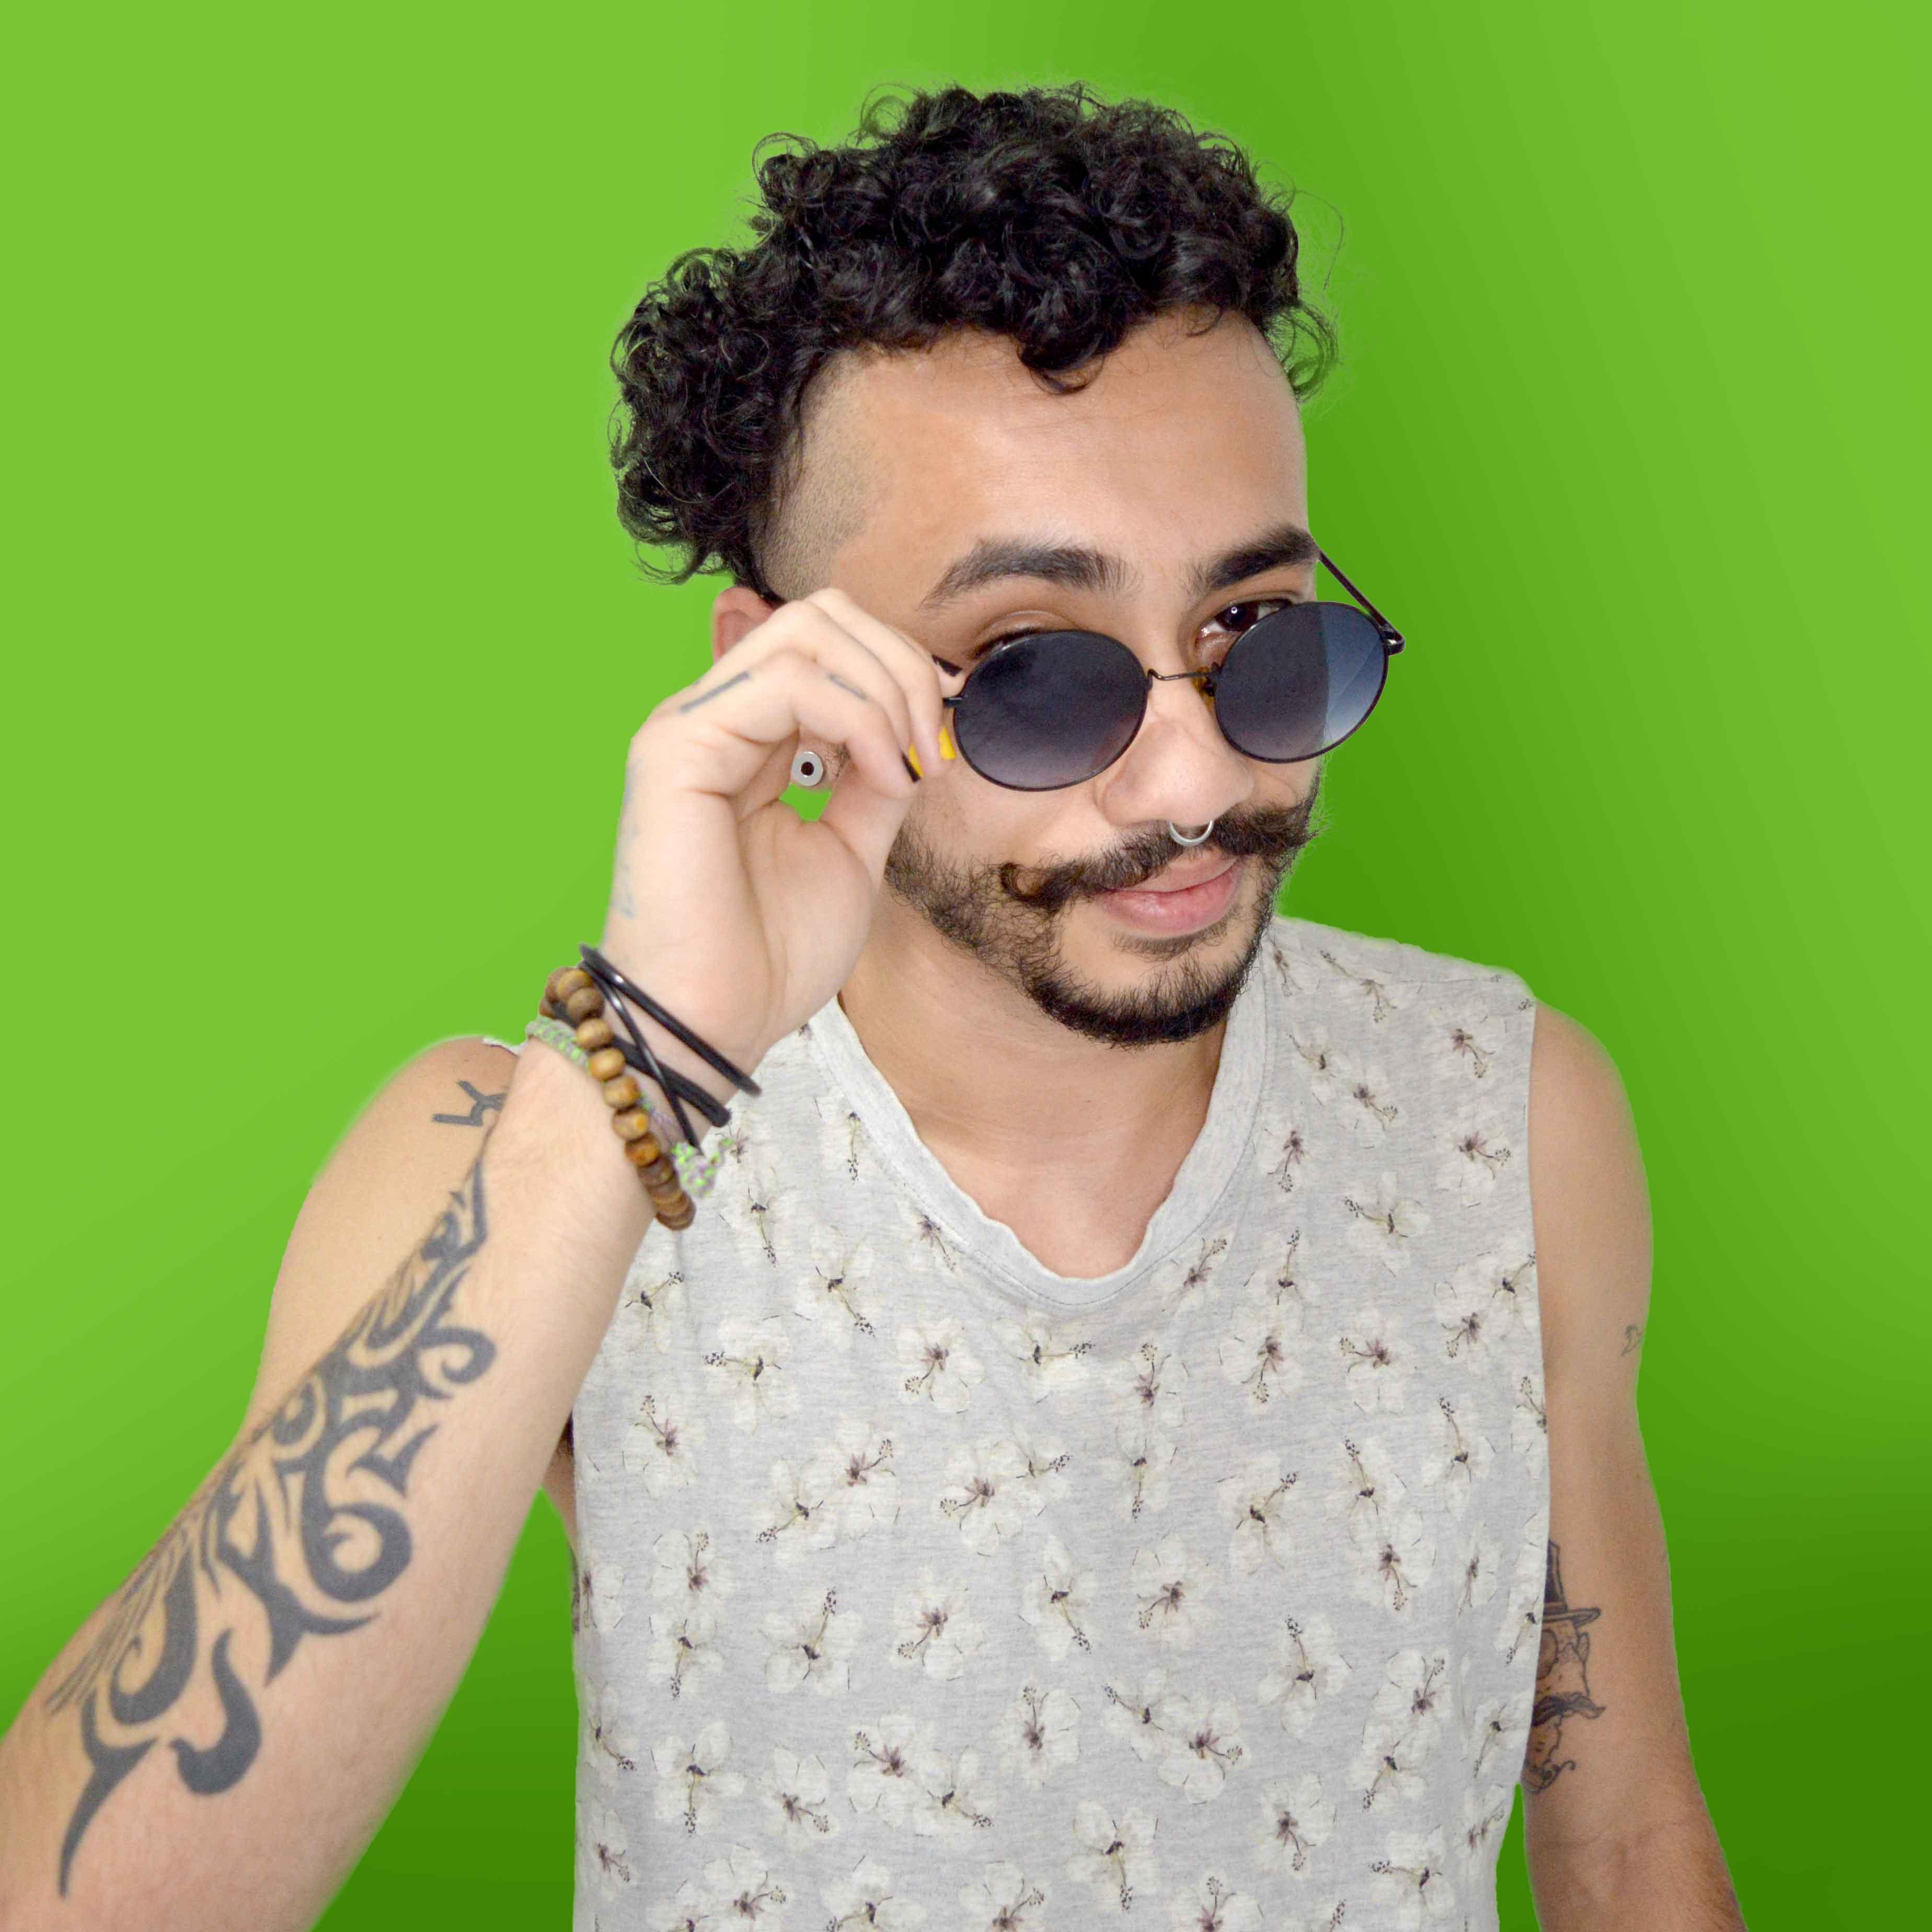 Foto do professor Marc Assis sorrindo em um fundo verde